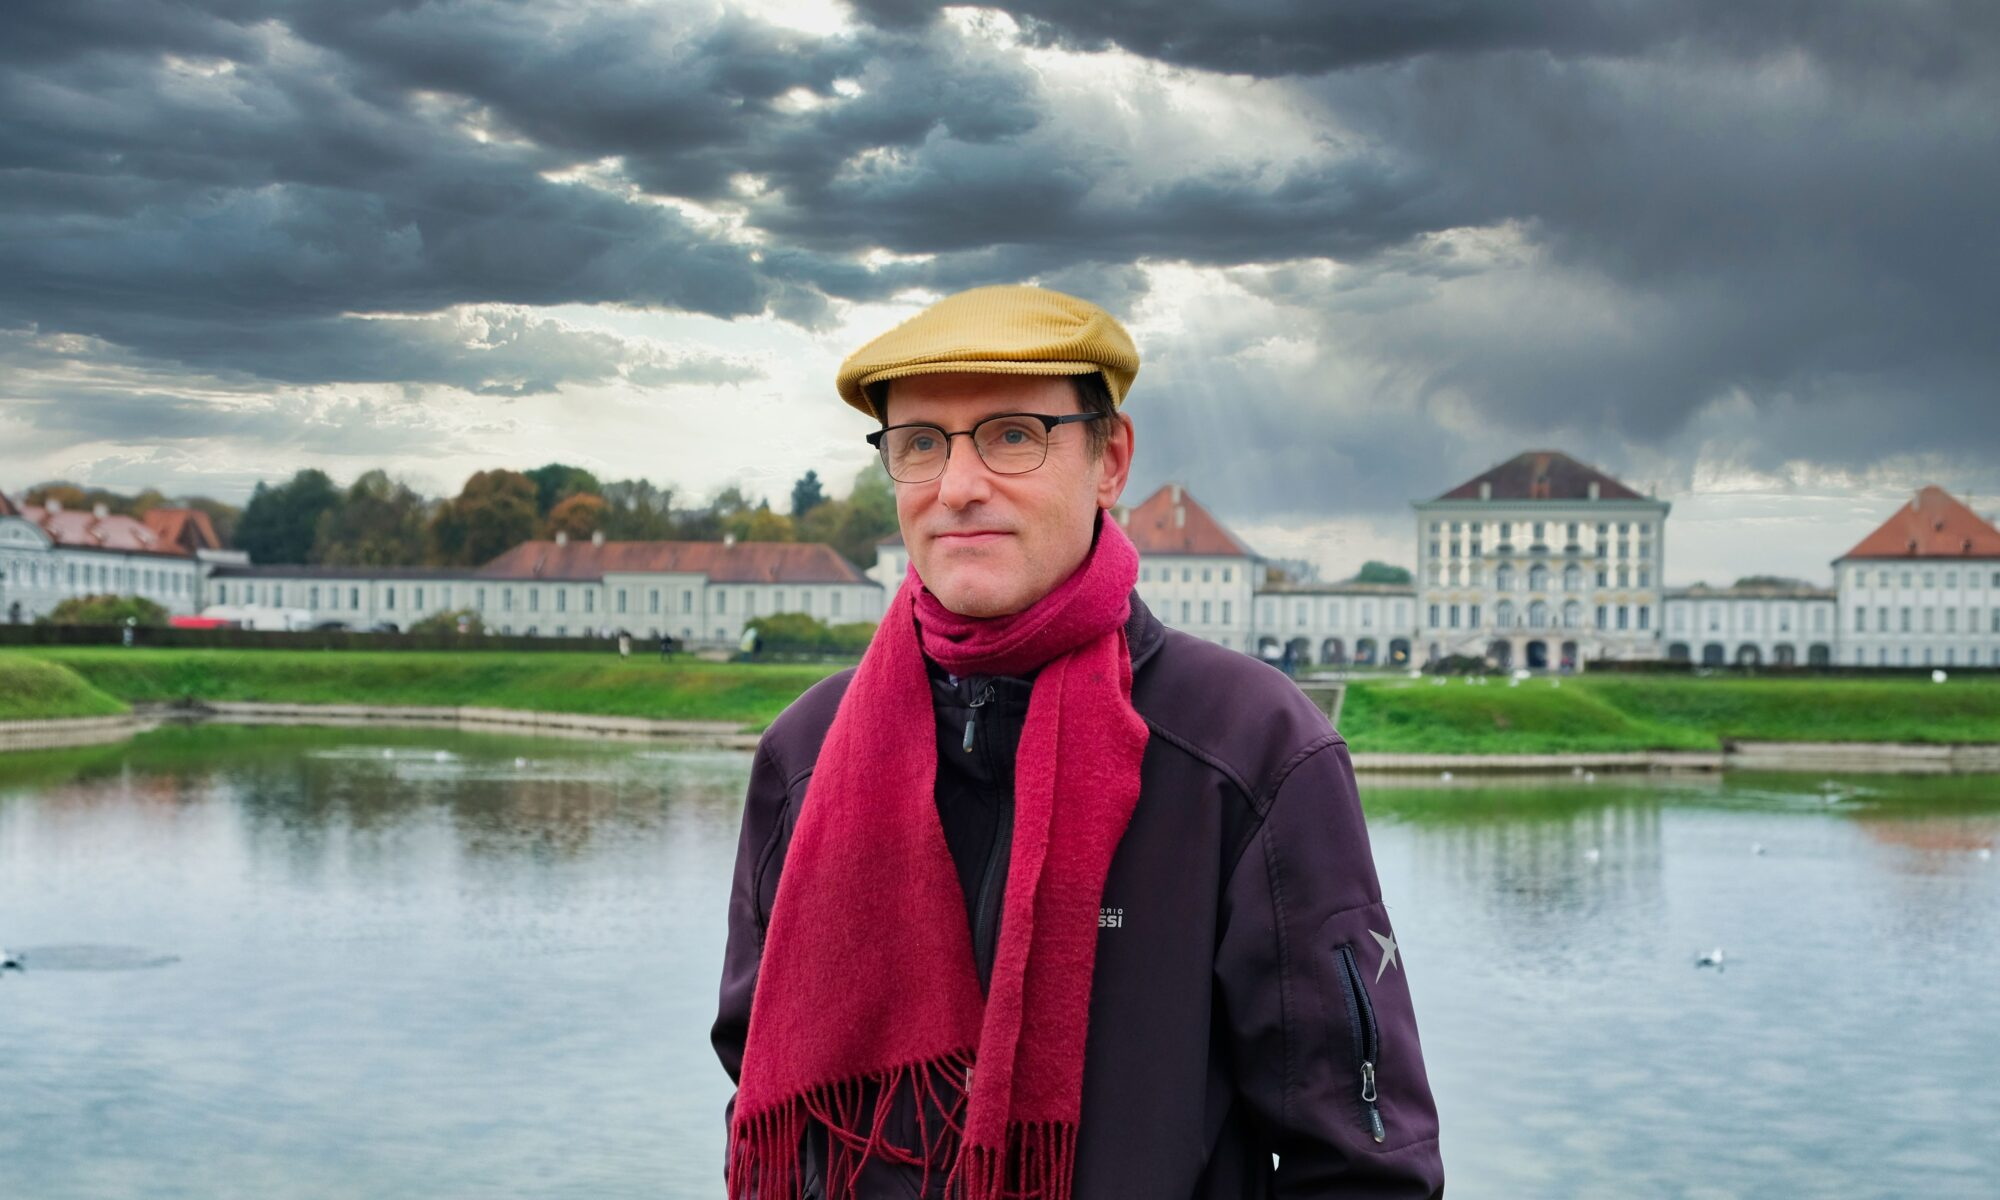 Marc Nottelmann-Feil